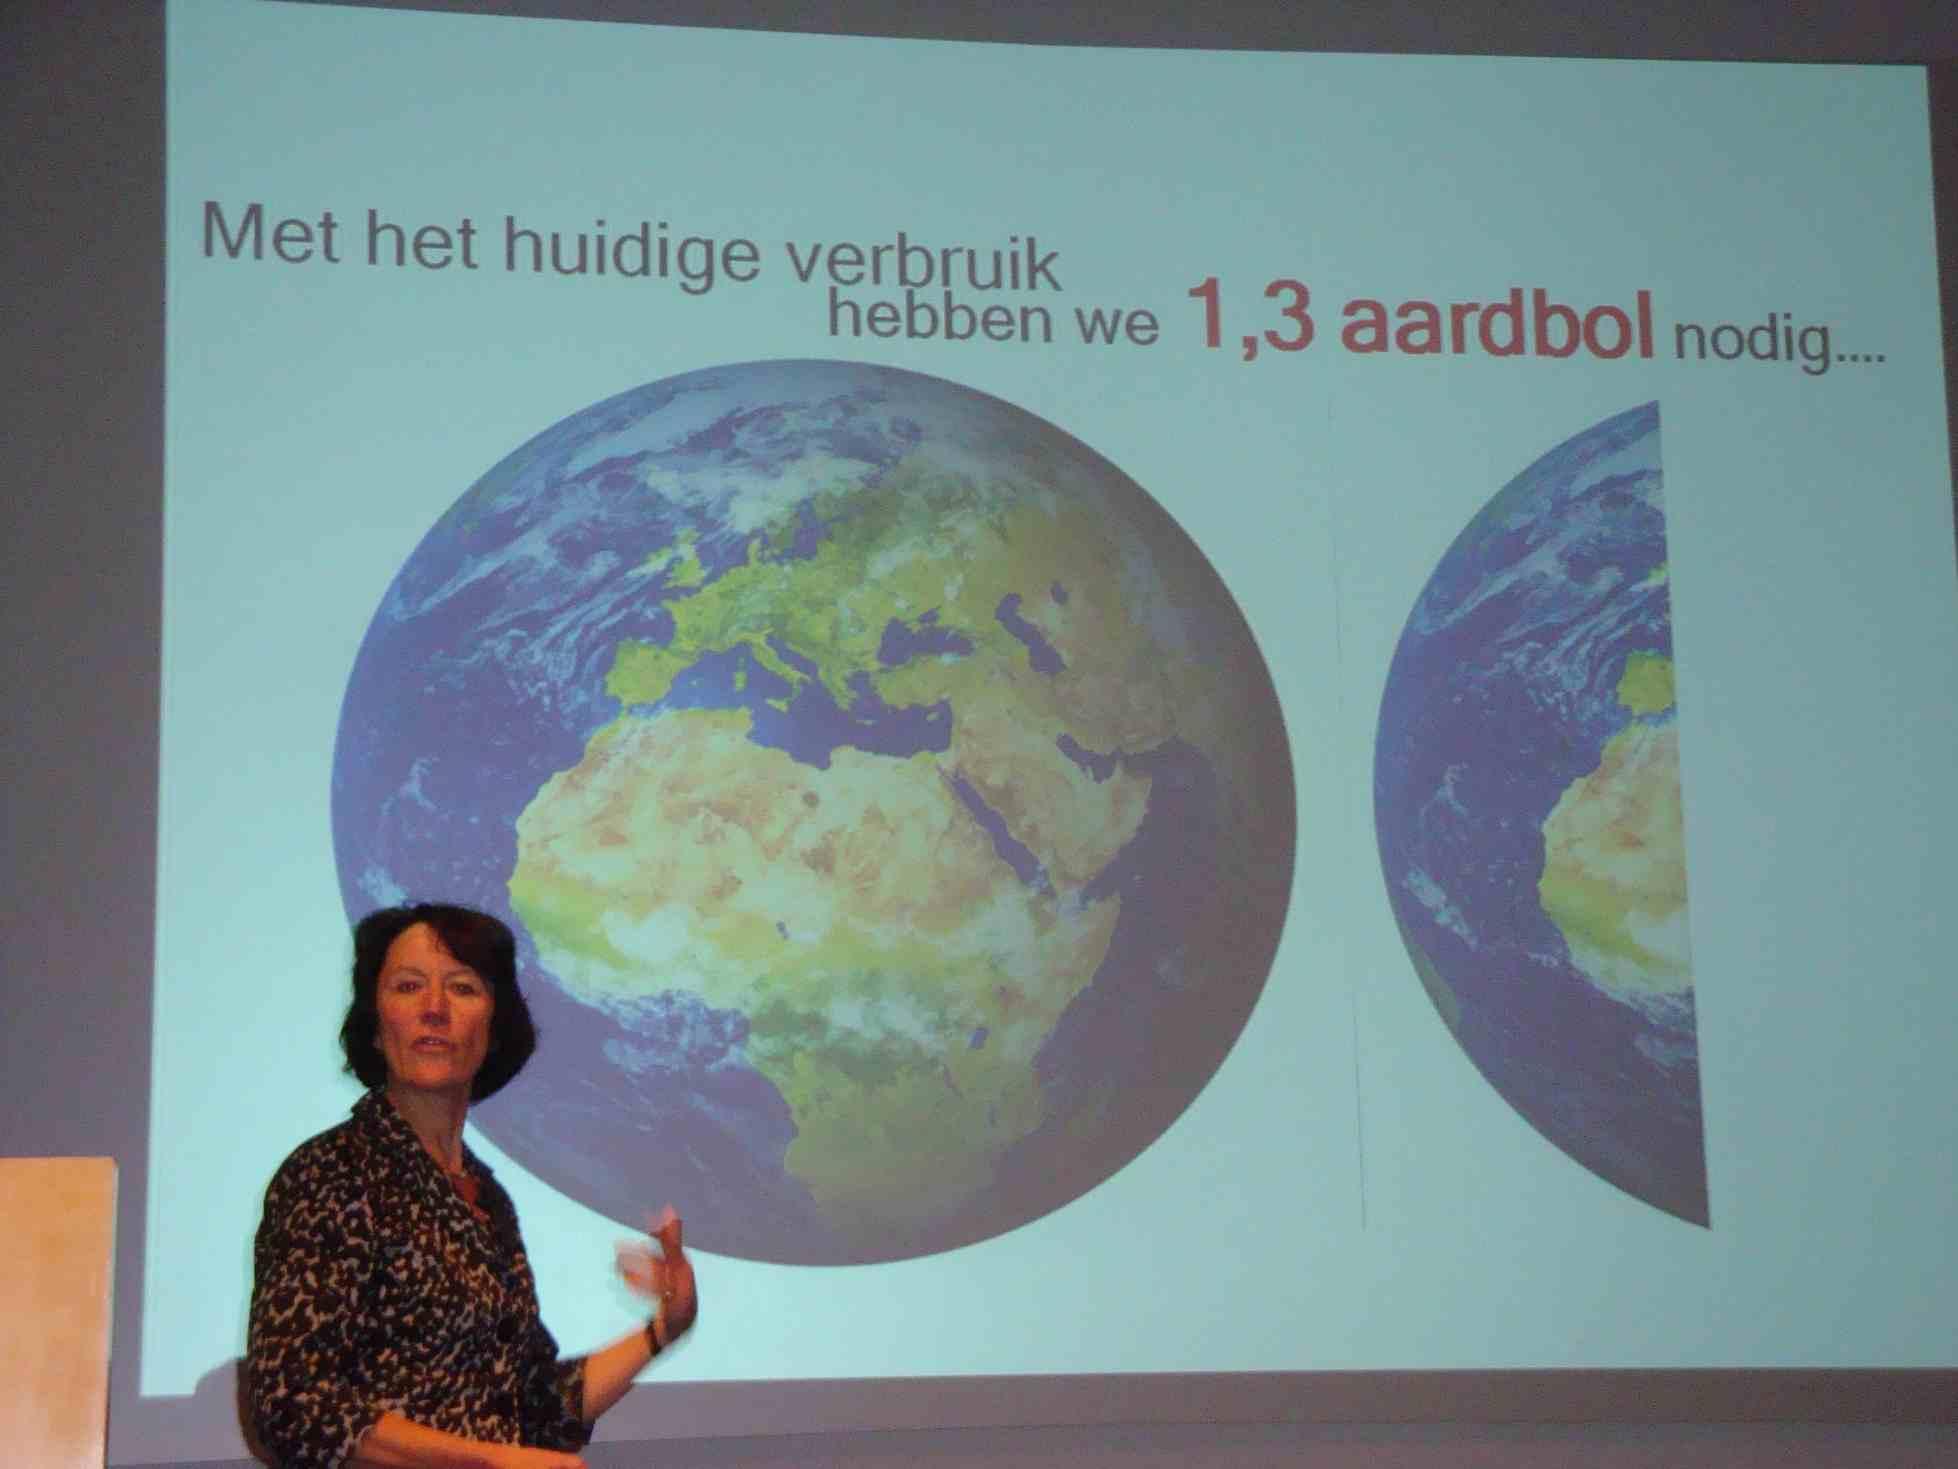 Klimaatactivist/NIOO-directrice Louise Vet heeft haar kritische zin verloren door teveel CO2